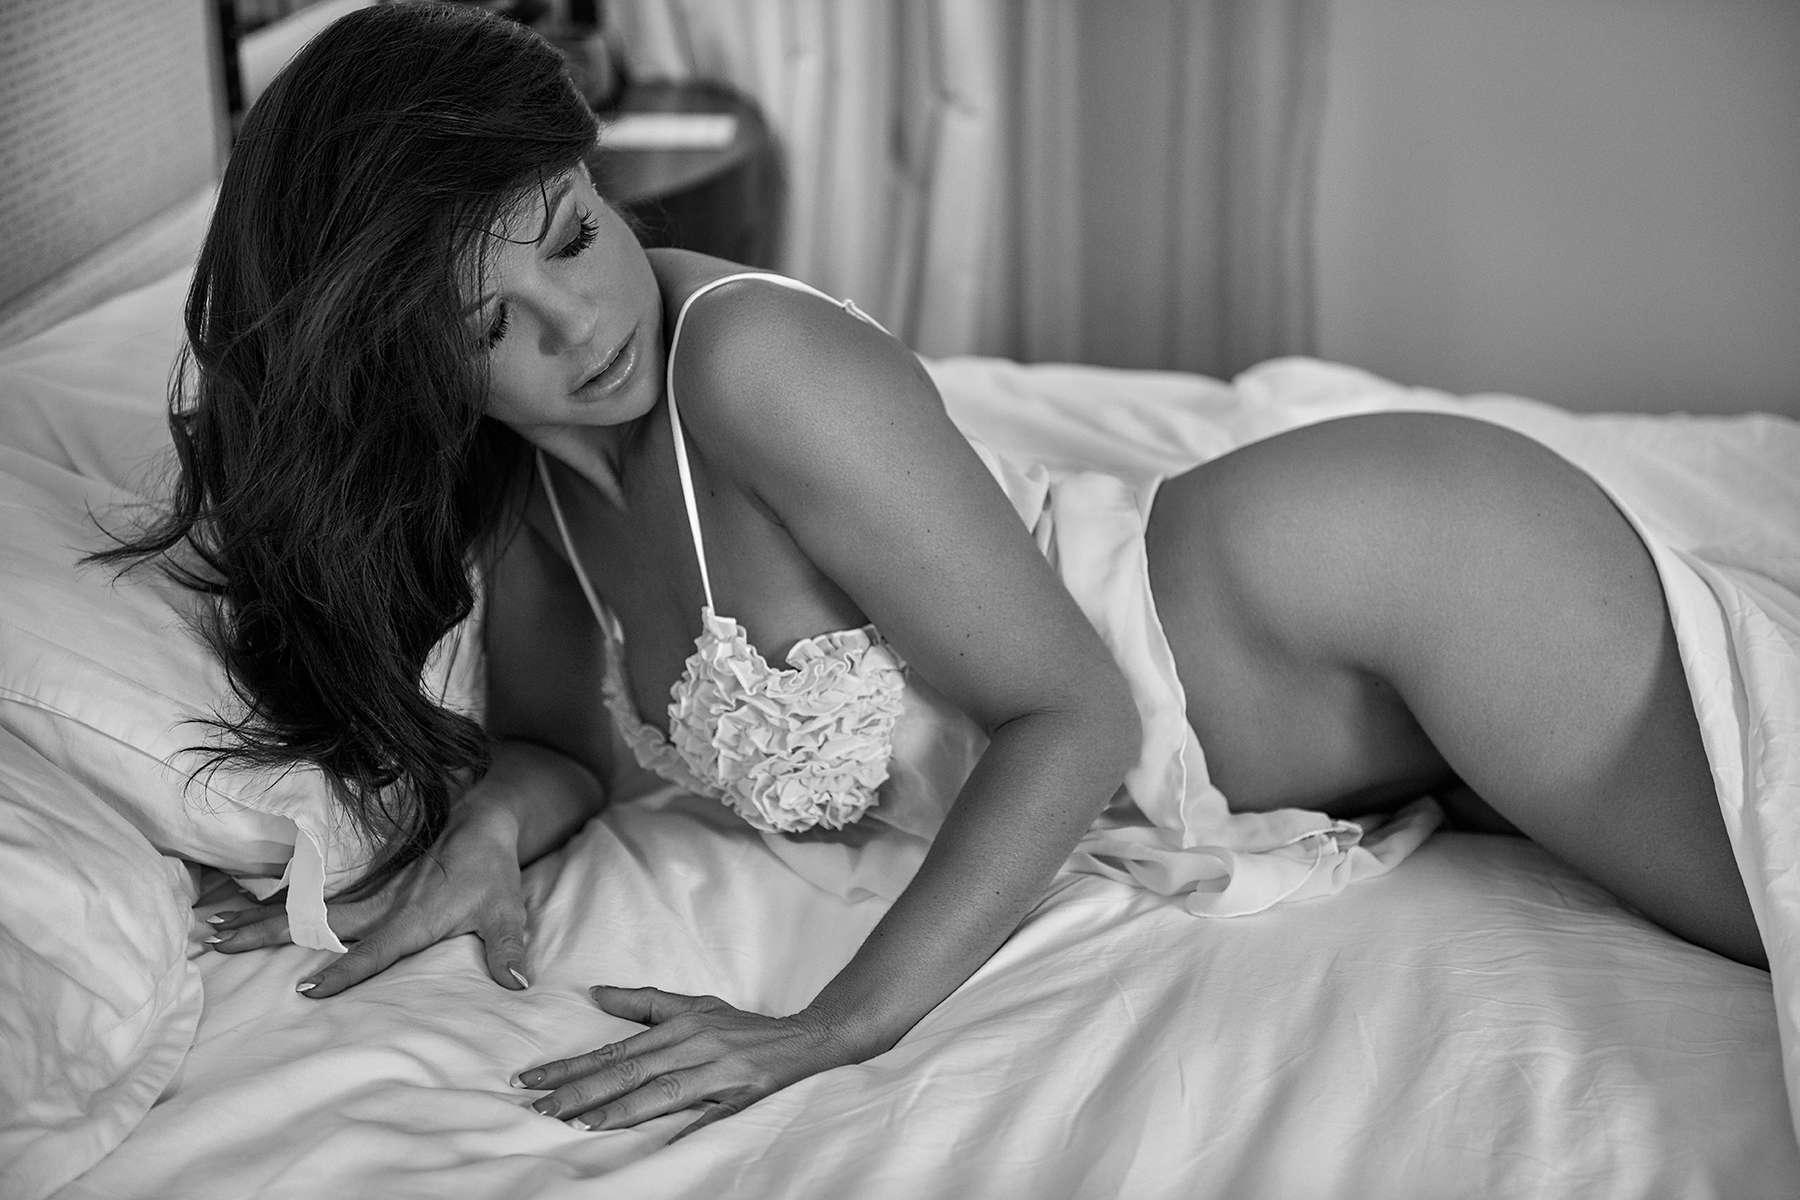 Dangeles - Los Angeles Boudoir Photographer- Tito Fine Portraits